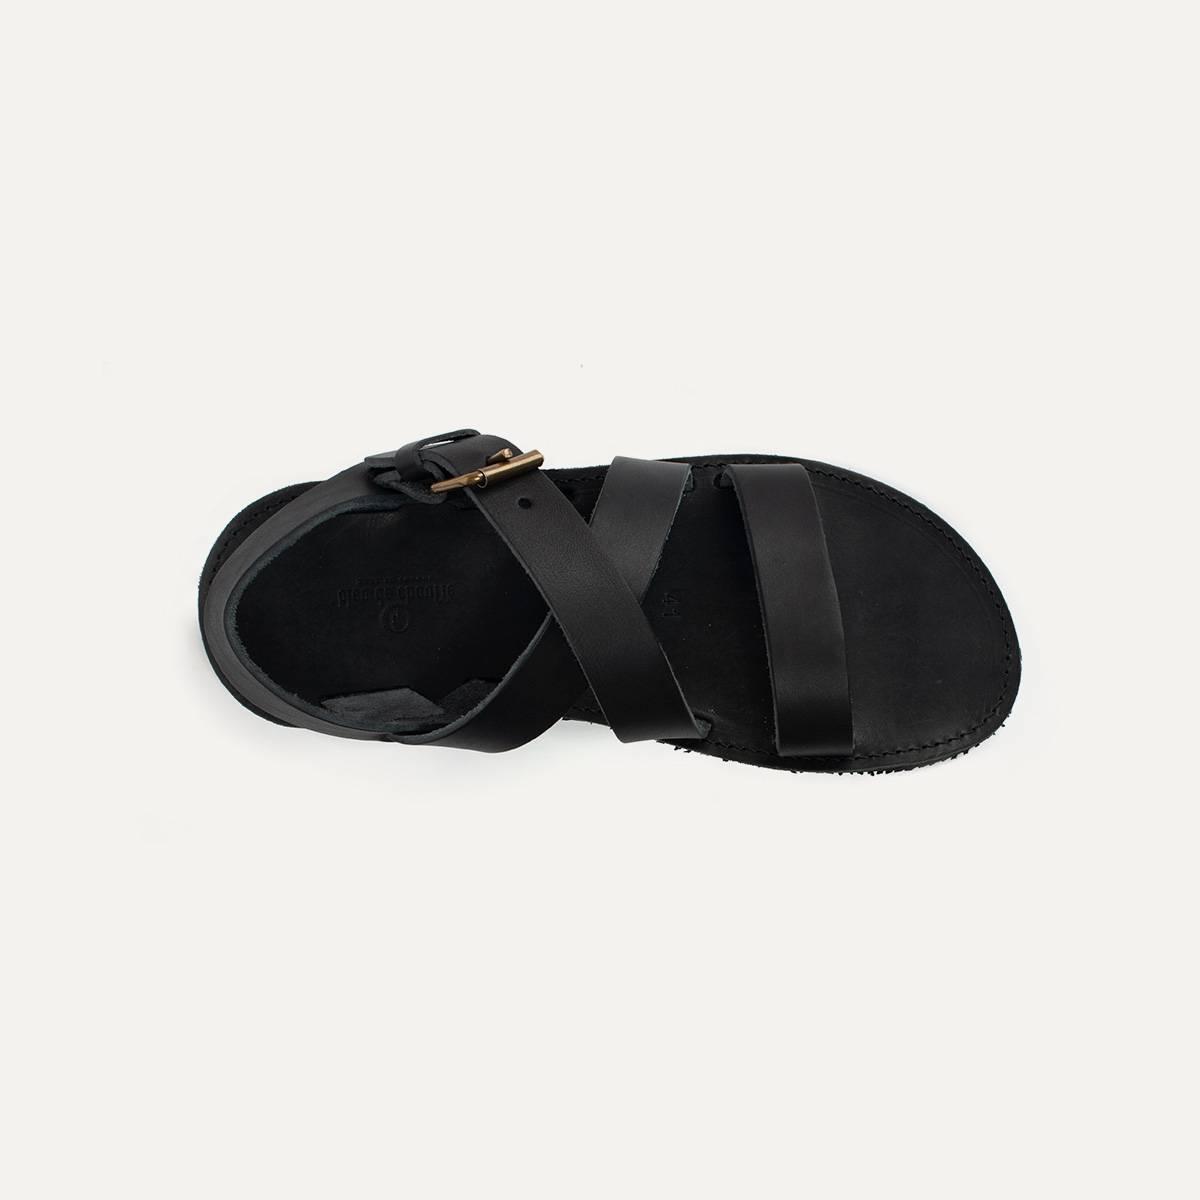 Sandales cuir Iwate - Noir (image n°4)